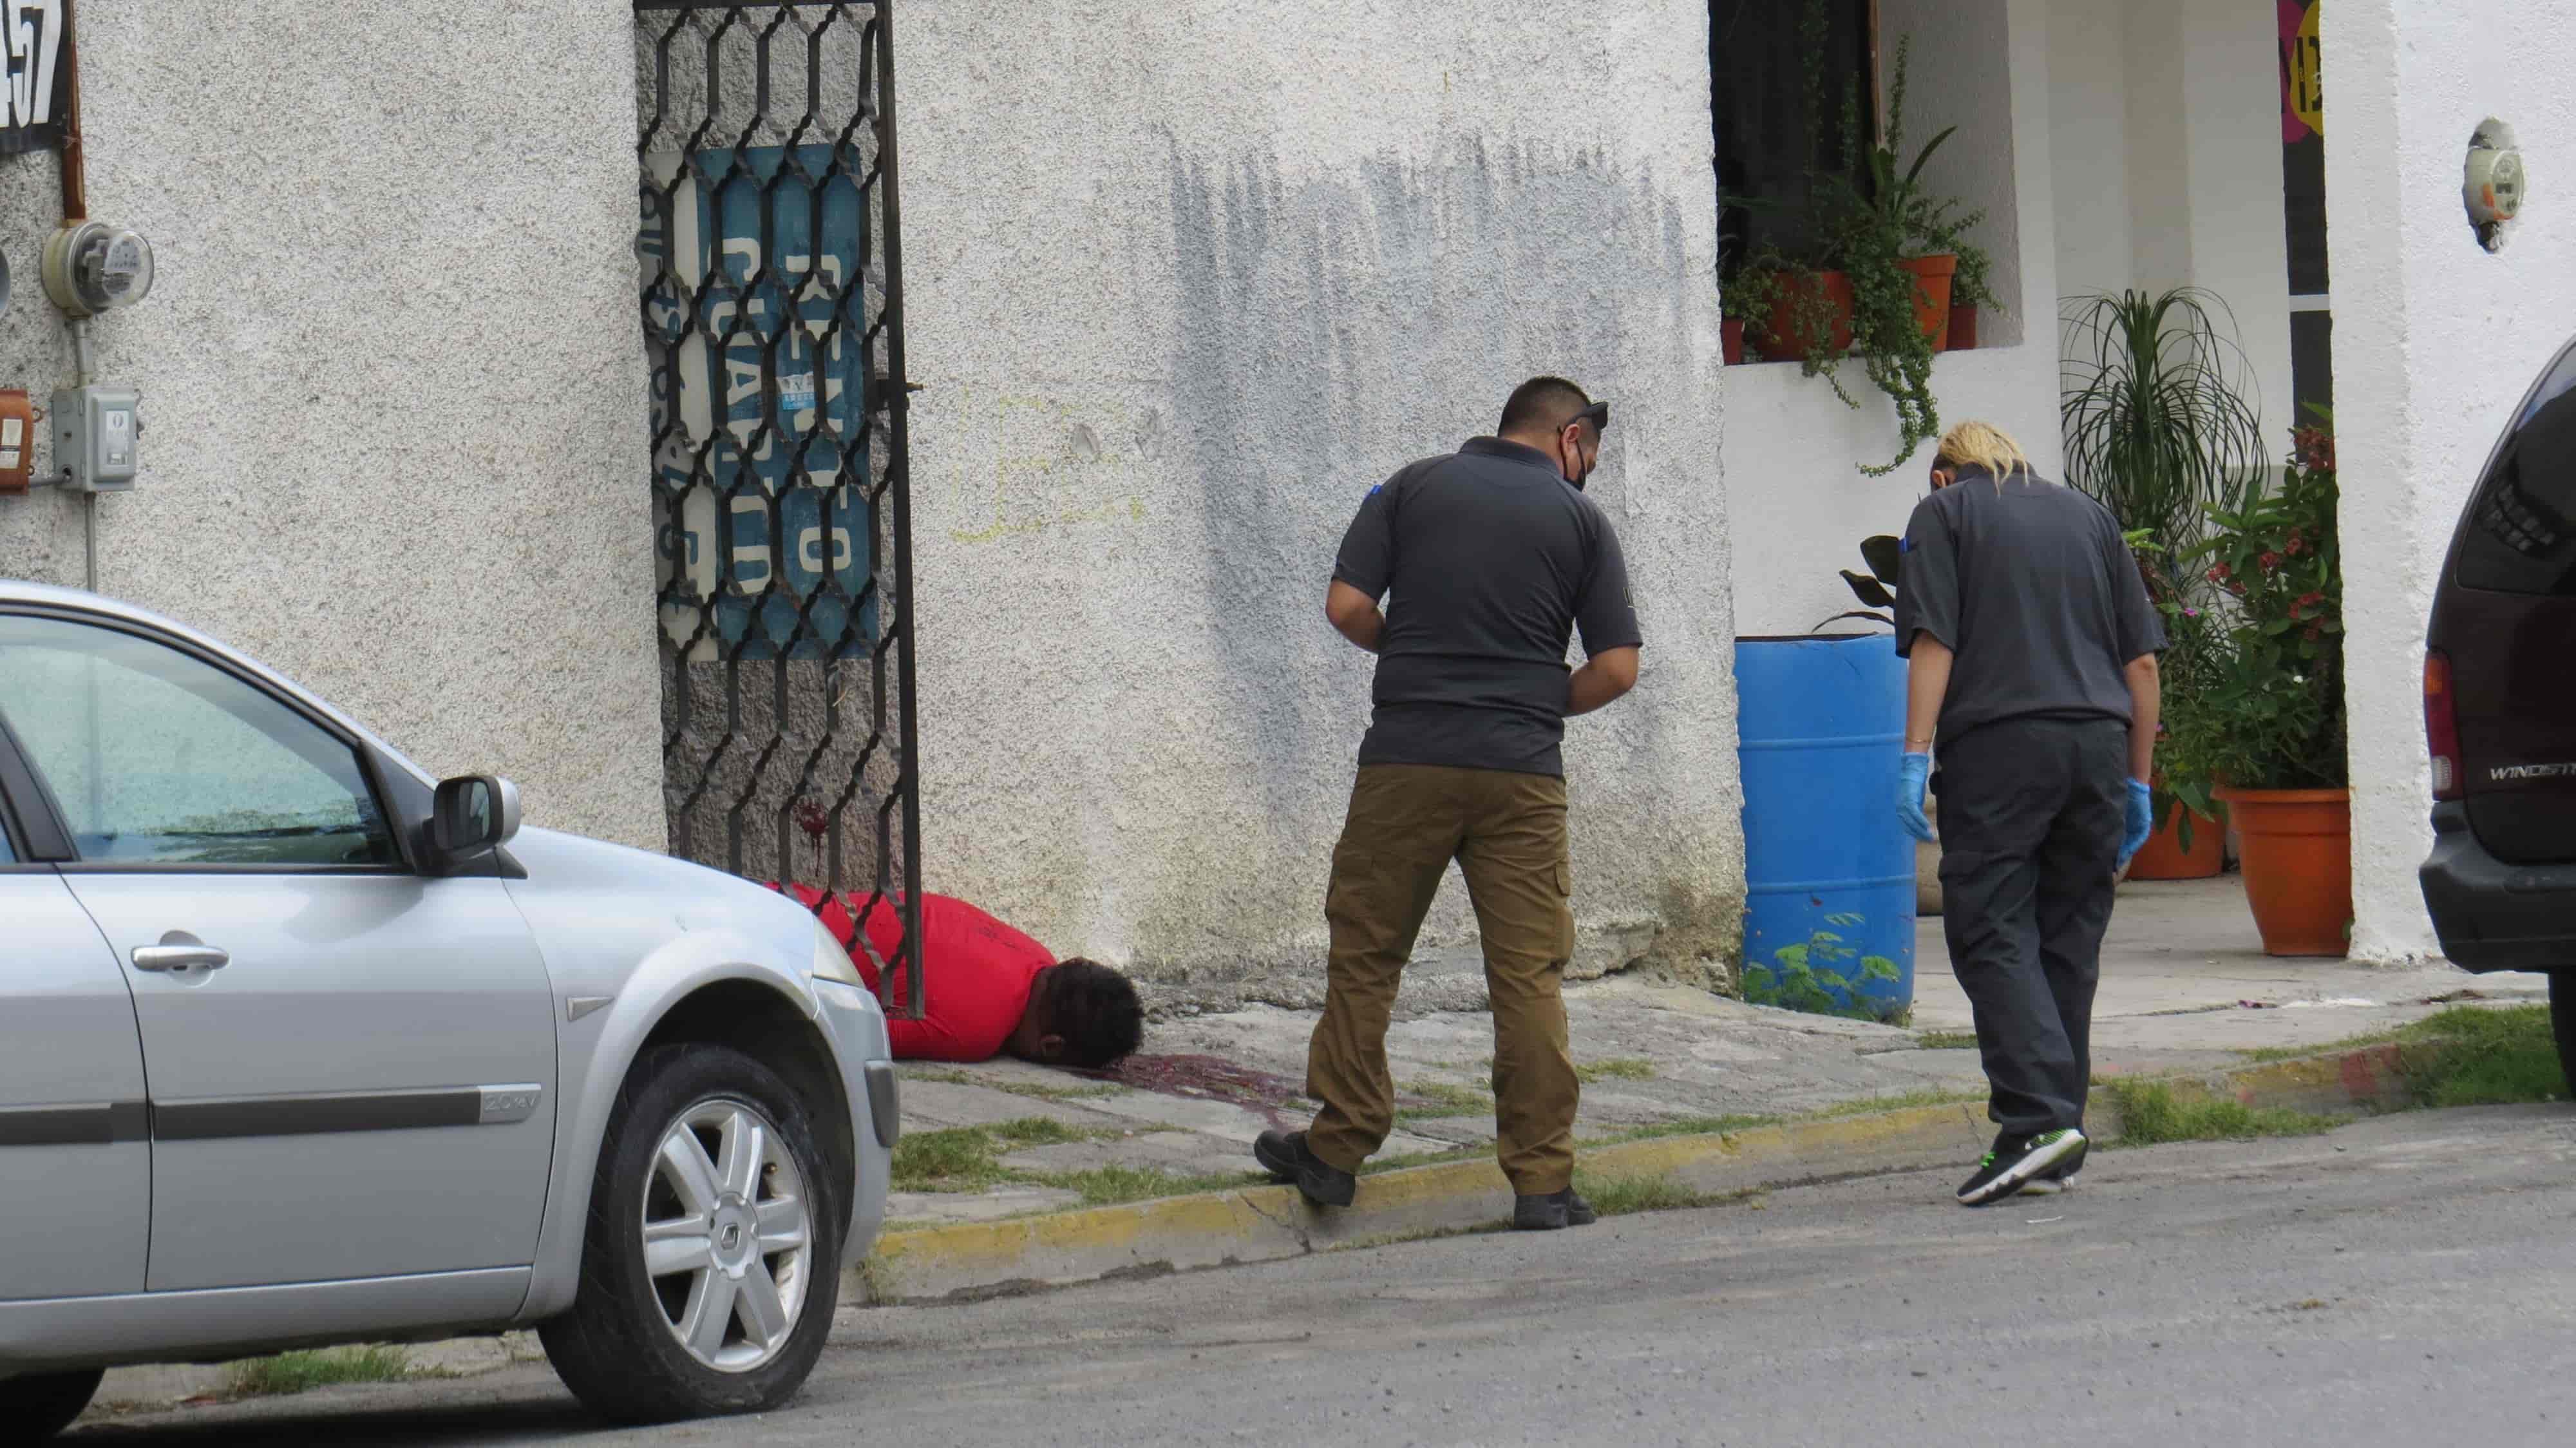 Lo ejecutaron de dos balazos en la cabeza por supuestas deudas de drogas